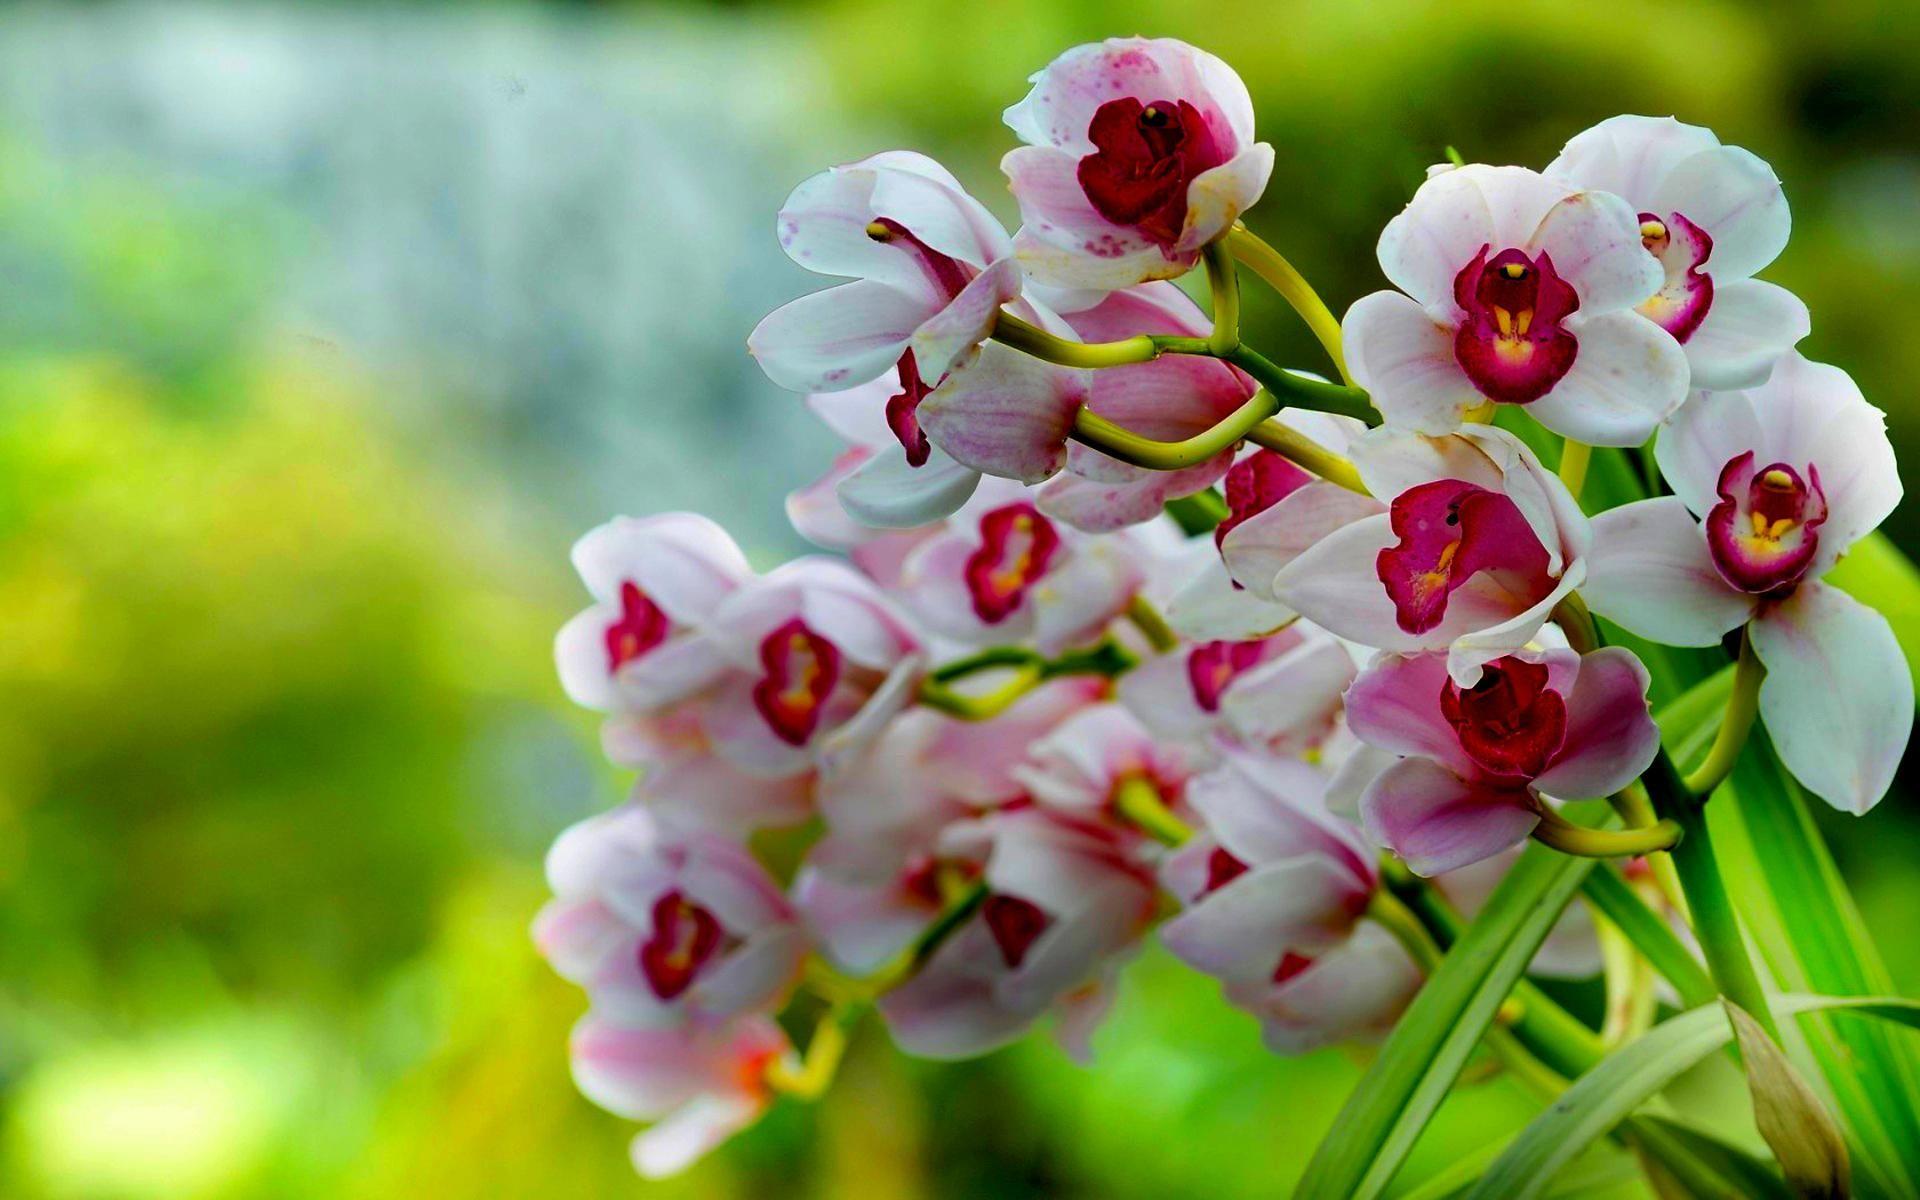 фото цветы обои на рабочий стол орхидеи иркутской области женщина